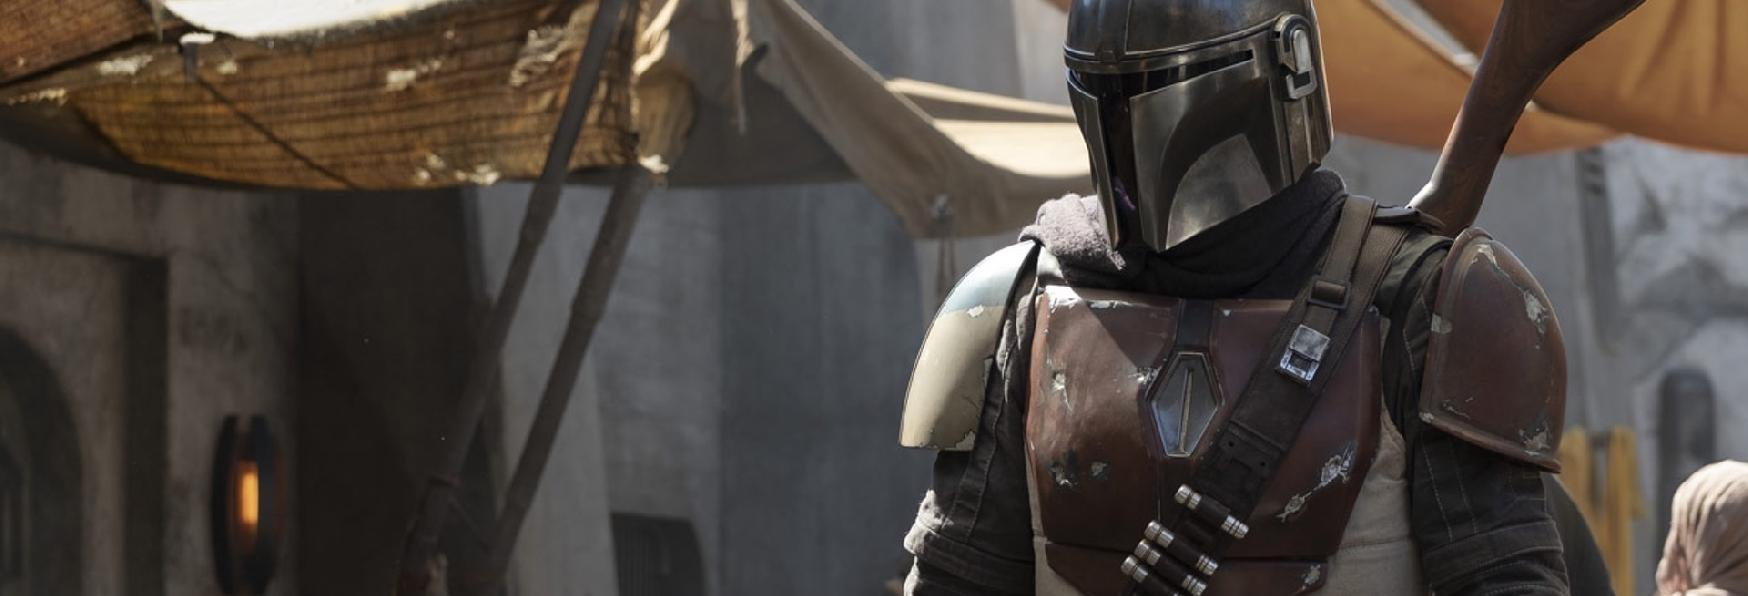 Nuove Serie TV su Star Wars: le ultime Notizie e aggiunte al Cast